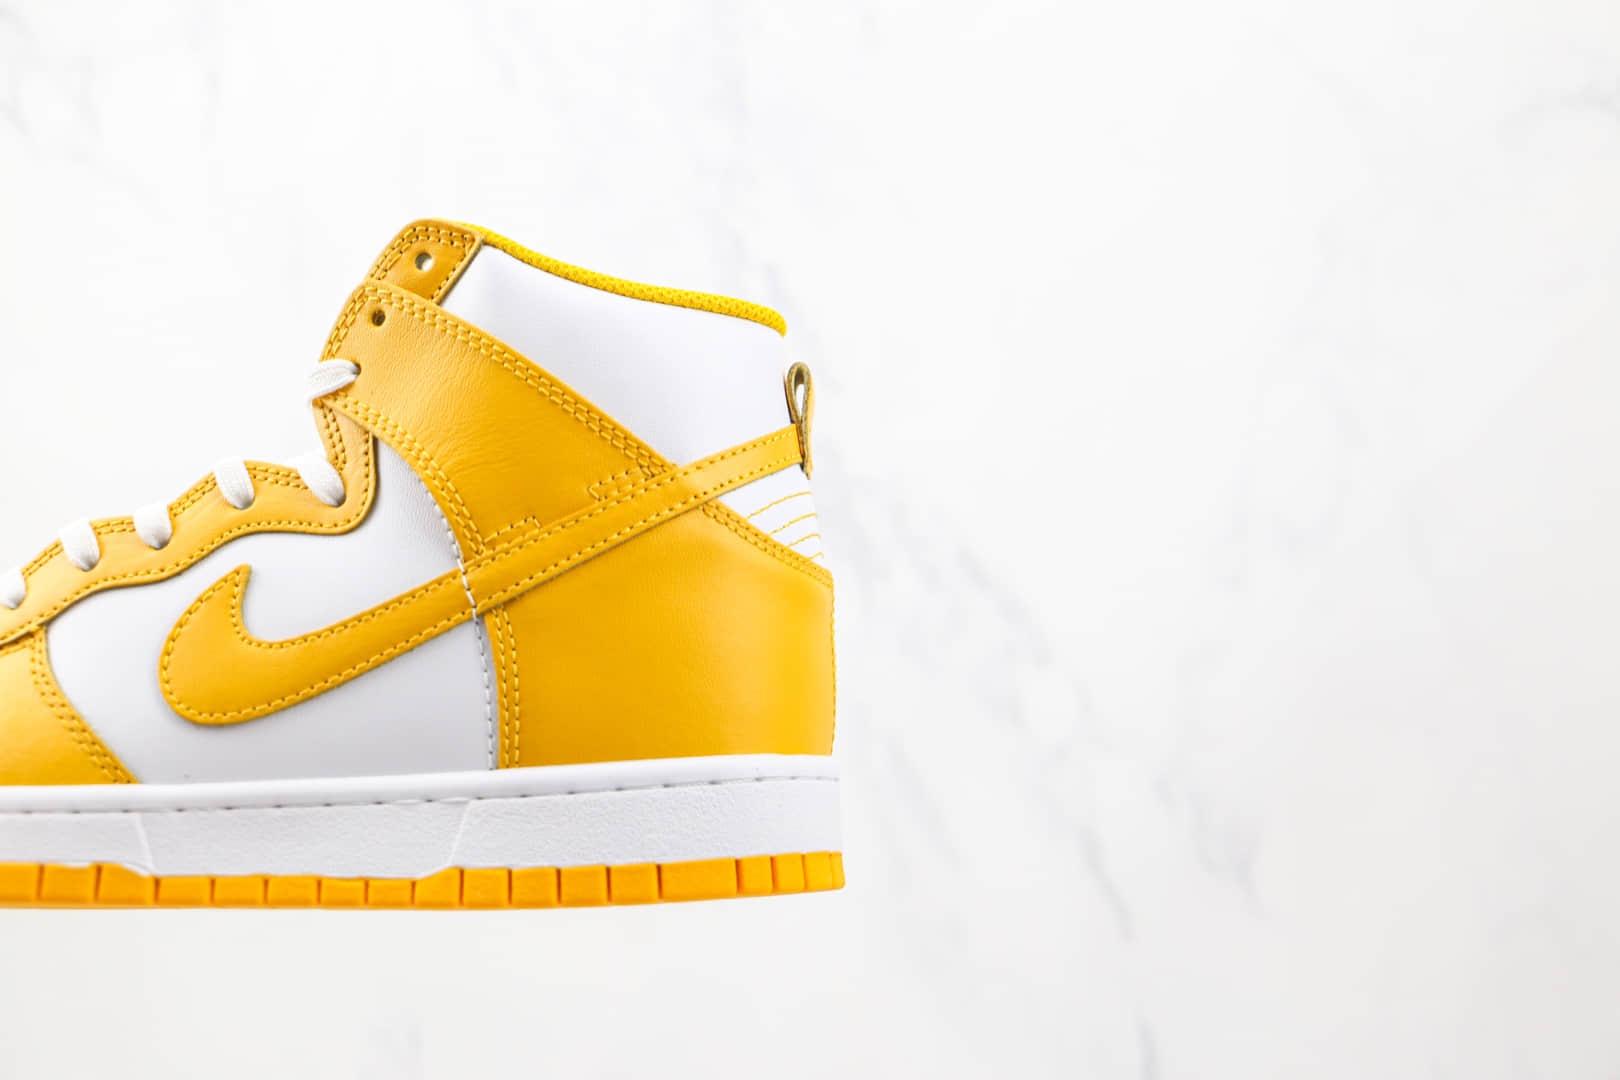 耐克Nike Dunk High Dark Sulfur纯原版本高帮DUNK姜黄色板鞋原档案数据开发 货号:DD1869-106